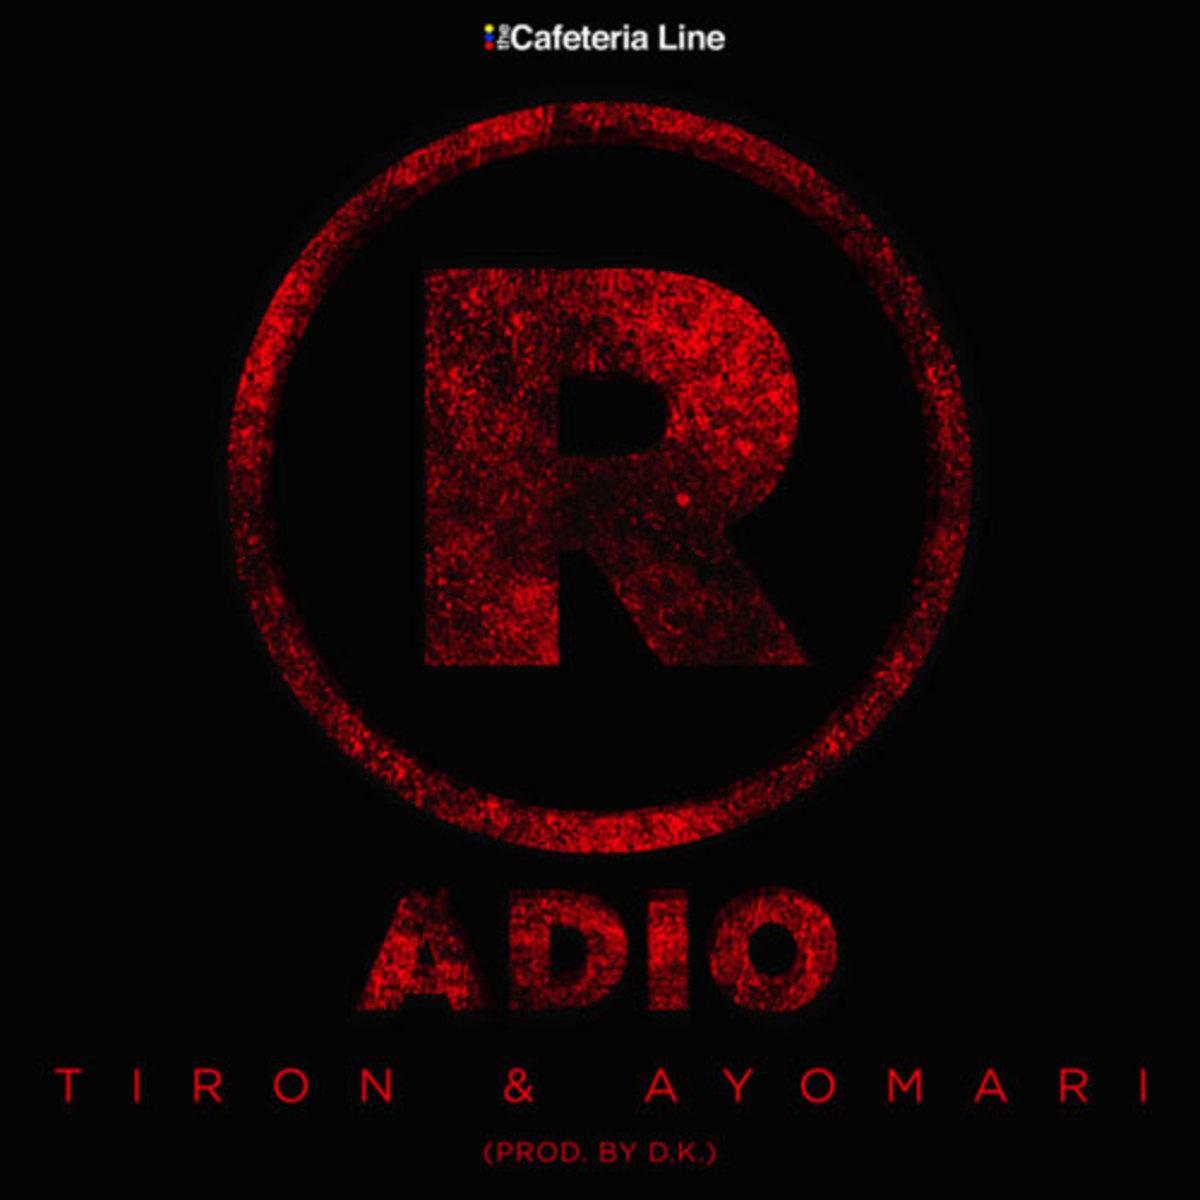 tironayomari-radio.jpg